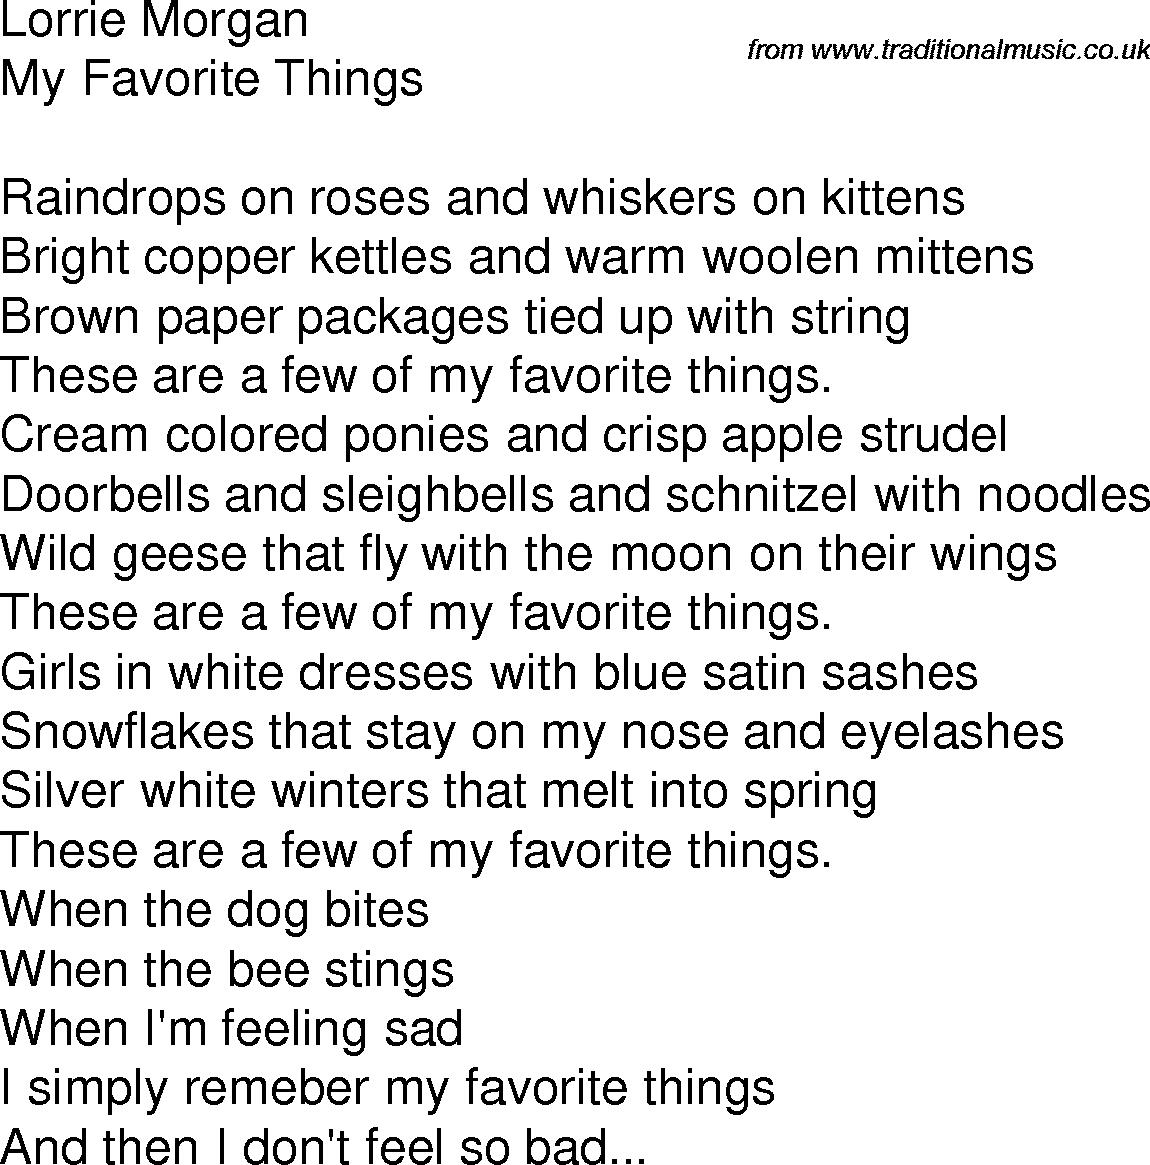 Folk lyrics for my favorite things by lorrie morgan lyrics folk lyrics for my favorite things by lorrie morgan lyrics hexwebz Gallery